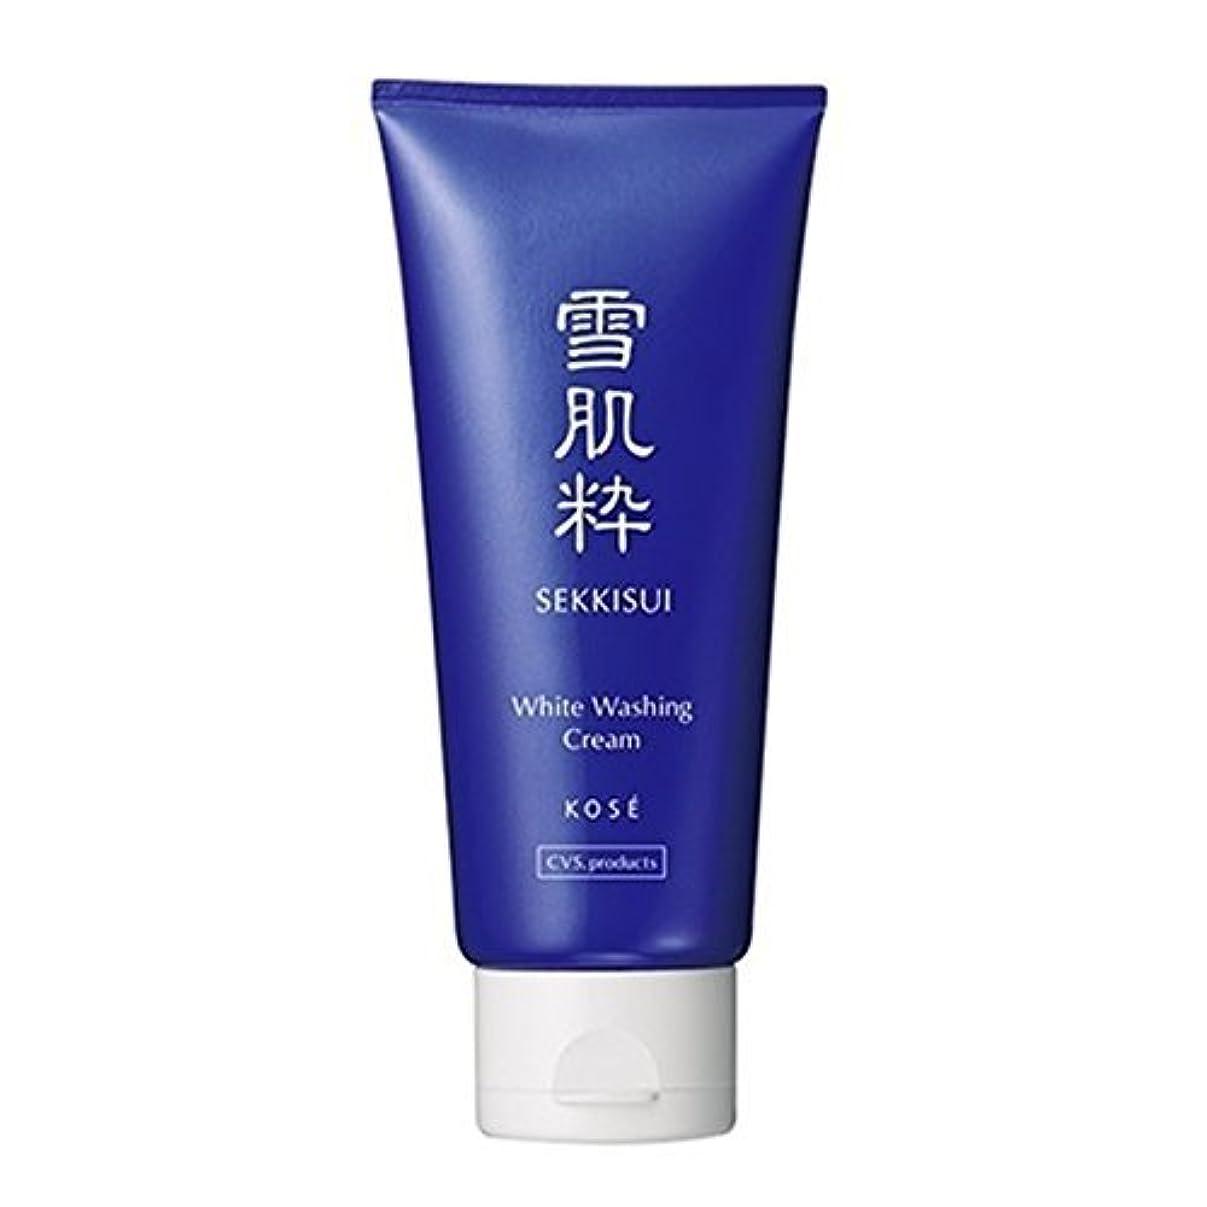 発生広範囲に牧草地コーセー 雪肌粋 ホワイト洗顔クリーム Kose Sekkisui White Washing Cream 80g×3本